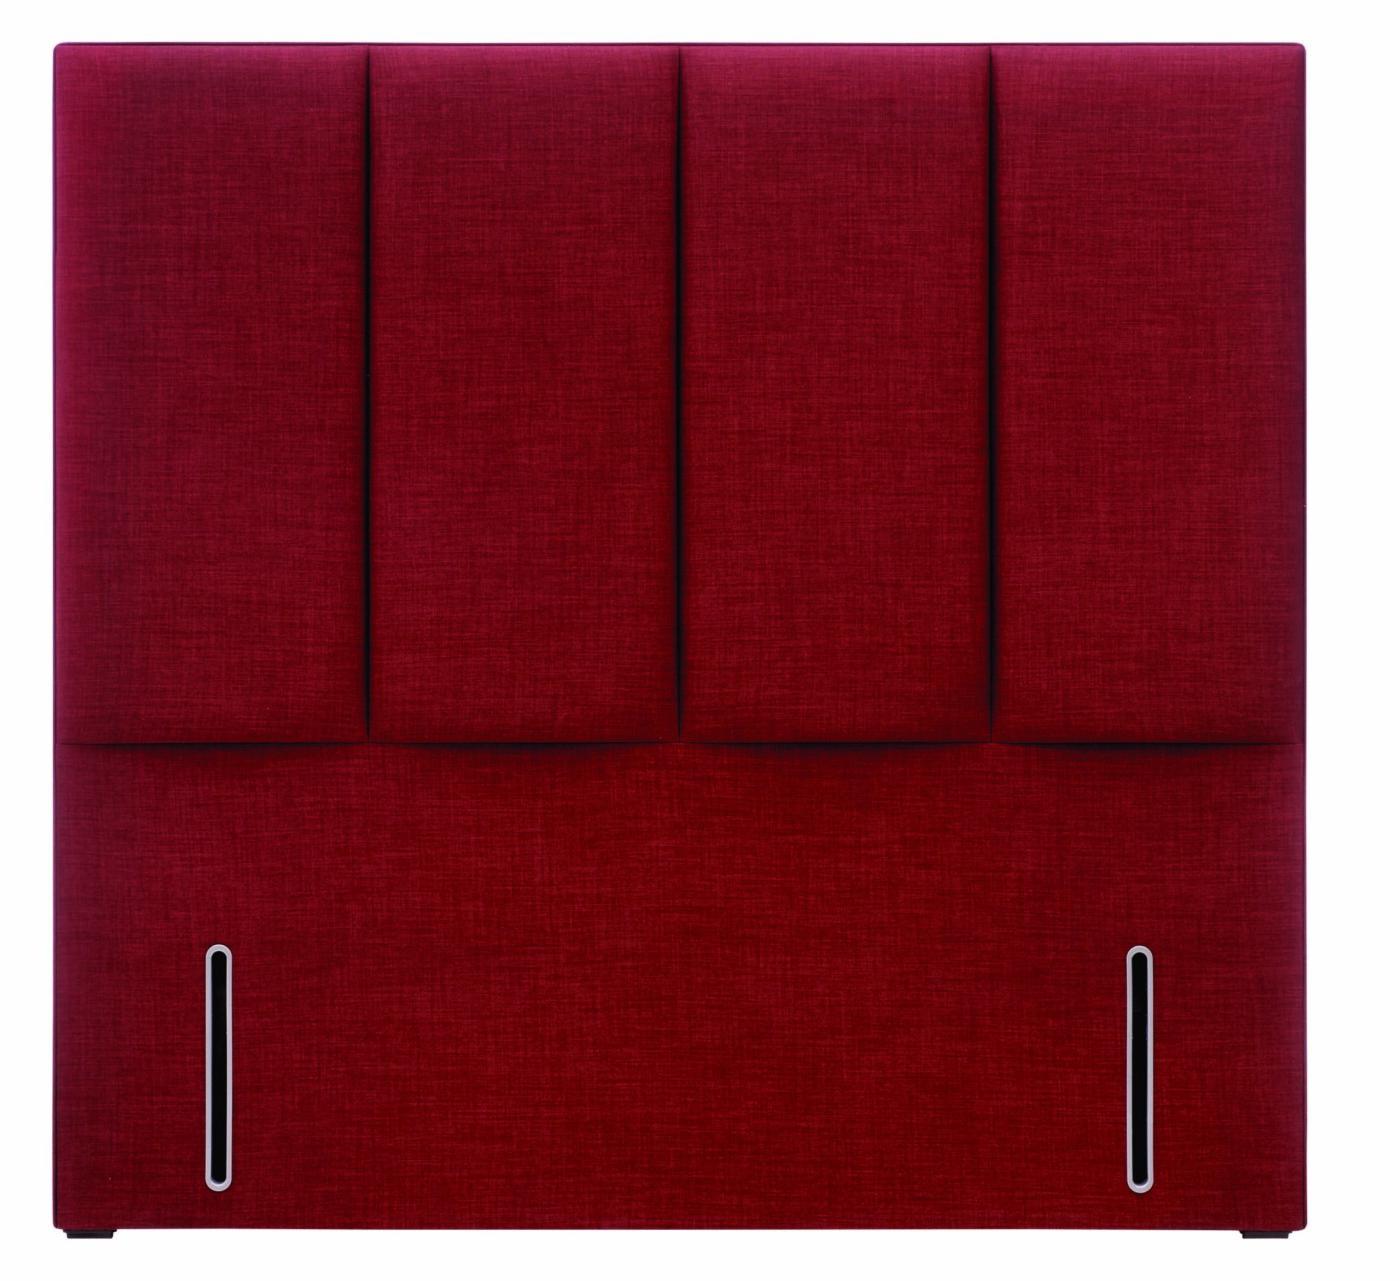 Hypnos Francesca HB Euro Slim Linoso 200 Red HR scaled e1604471361100 i Vigna